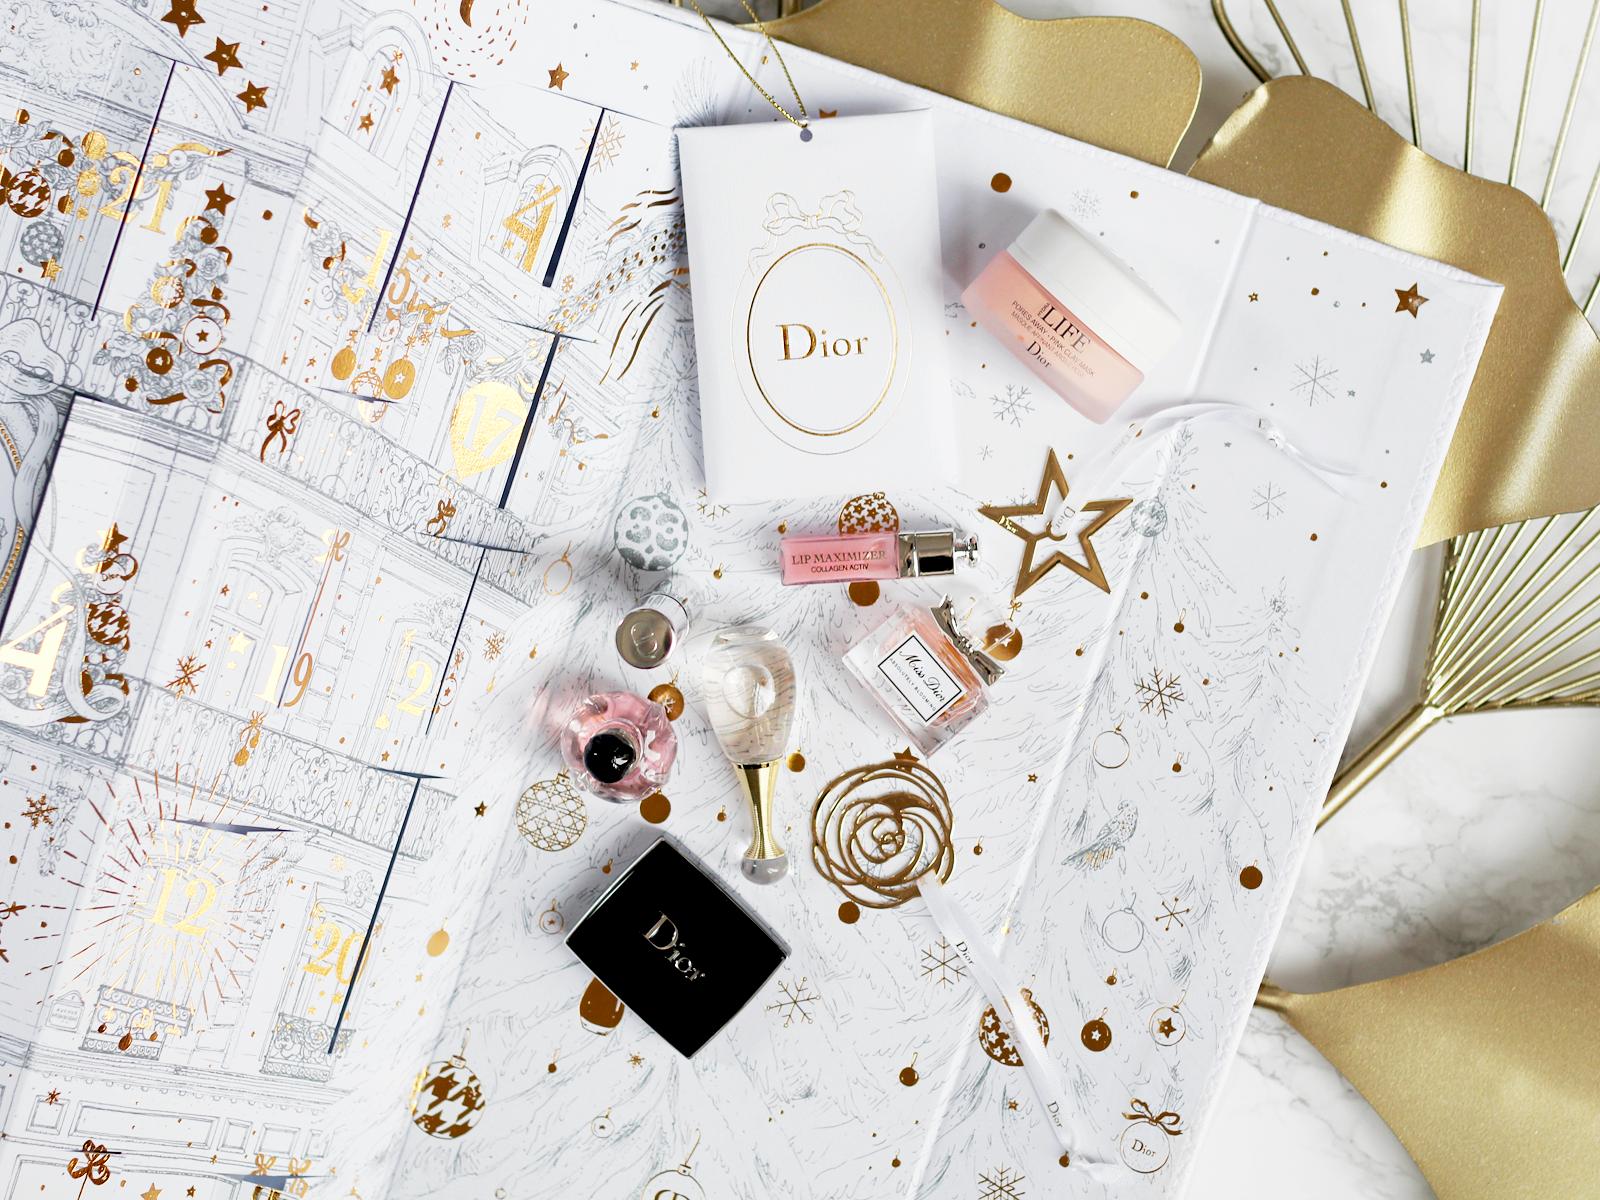 Calendrier Prix.Calendrier De L Avent Dior Entre Euphorie Et Deception